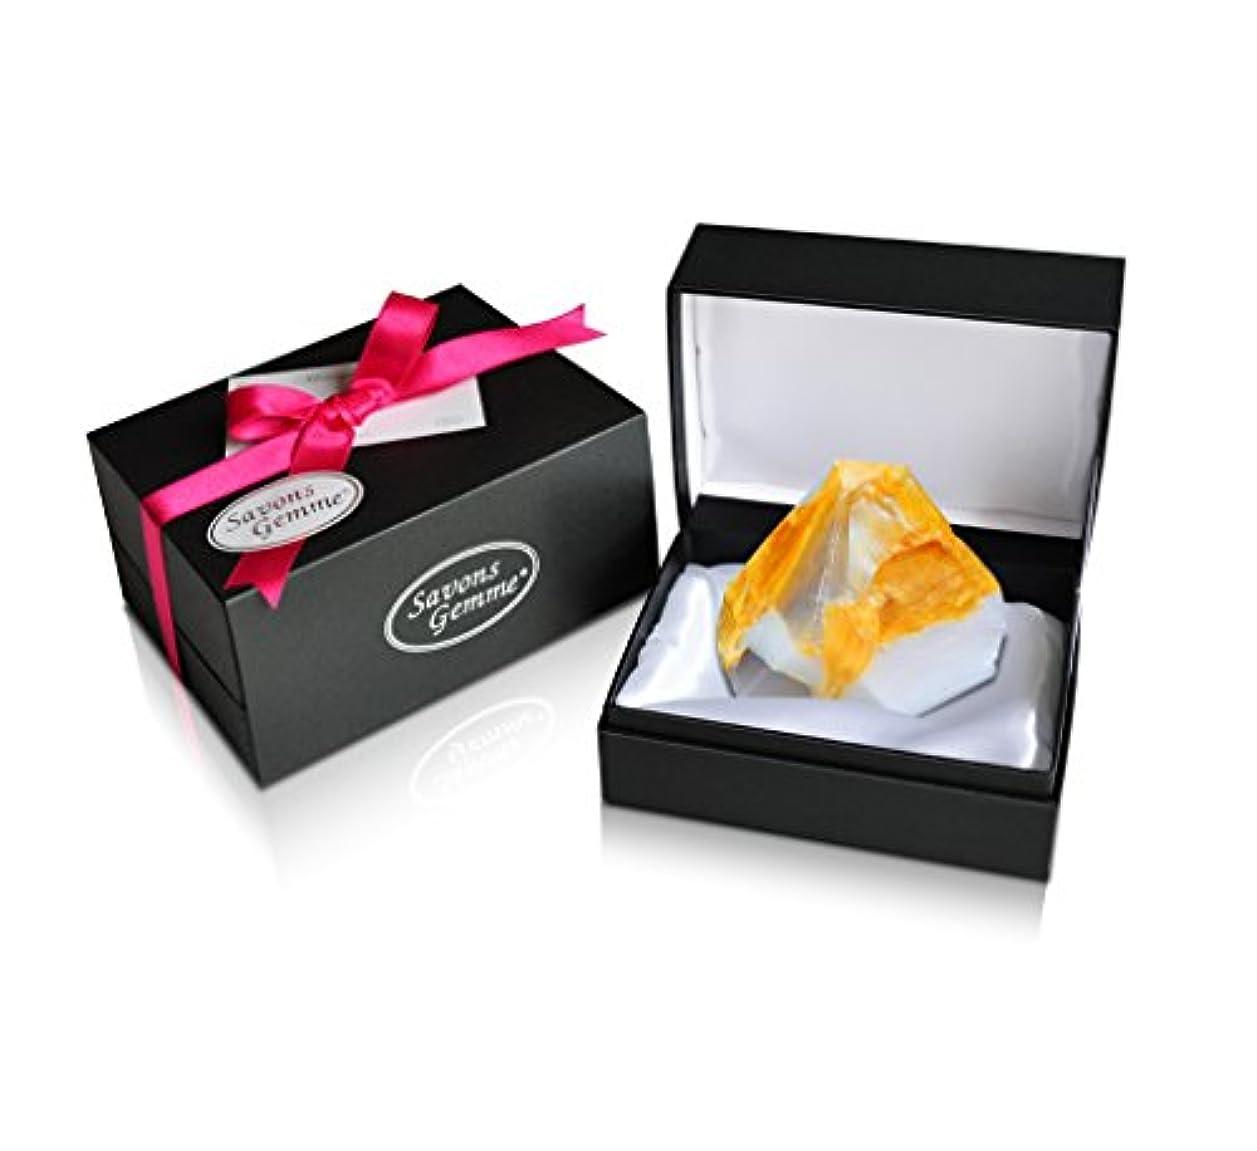 あいさつエスカレートハシーSavons Gemme サボンジェム ジュエリーギフトボックス 世界で一番美しい宝石石鹸 フレグランス ソープ 宝石箱のようなラグジュアリー感を演出 アルバトールオリエンタル 170g 【日本総代理店品】